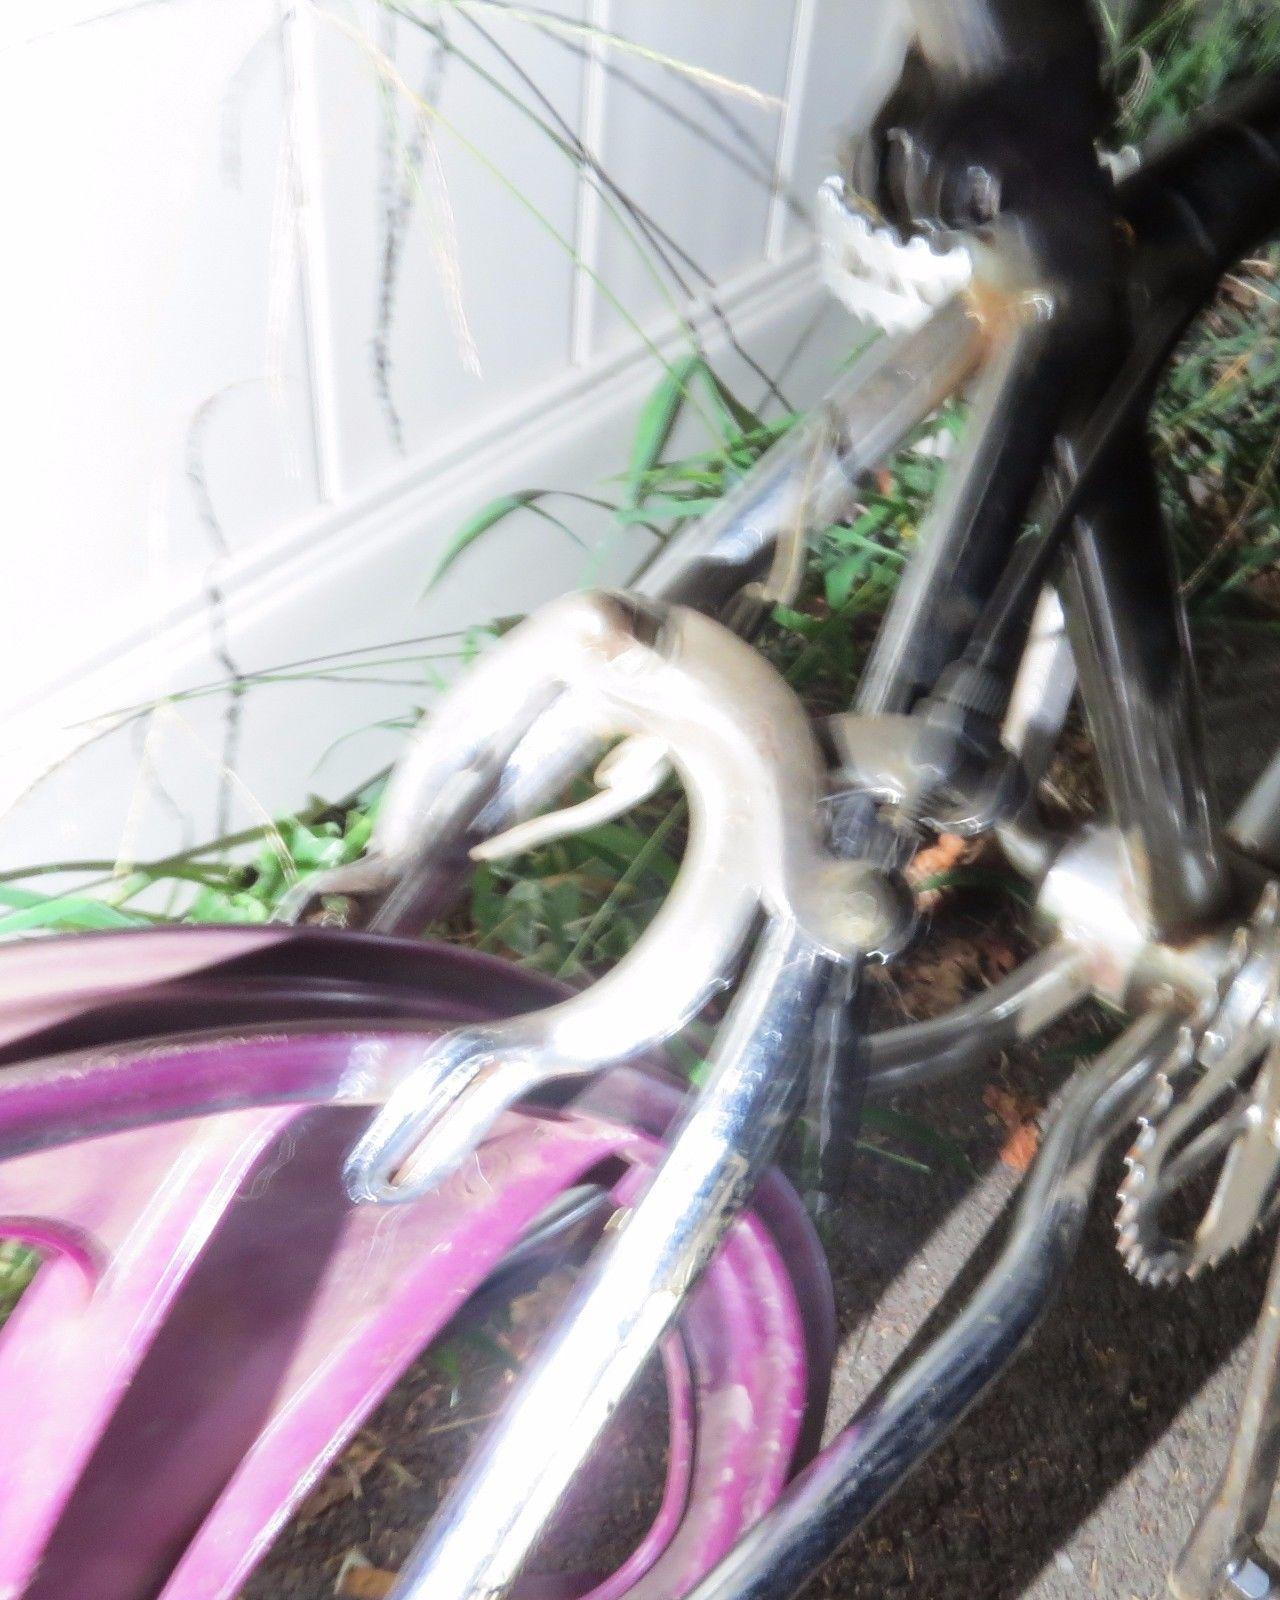 DiamondBack Viper Old School BMX F&F Bike and 47 similar items